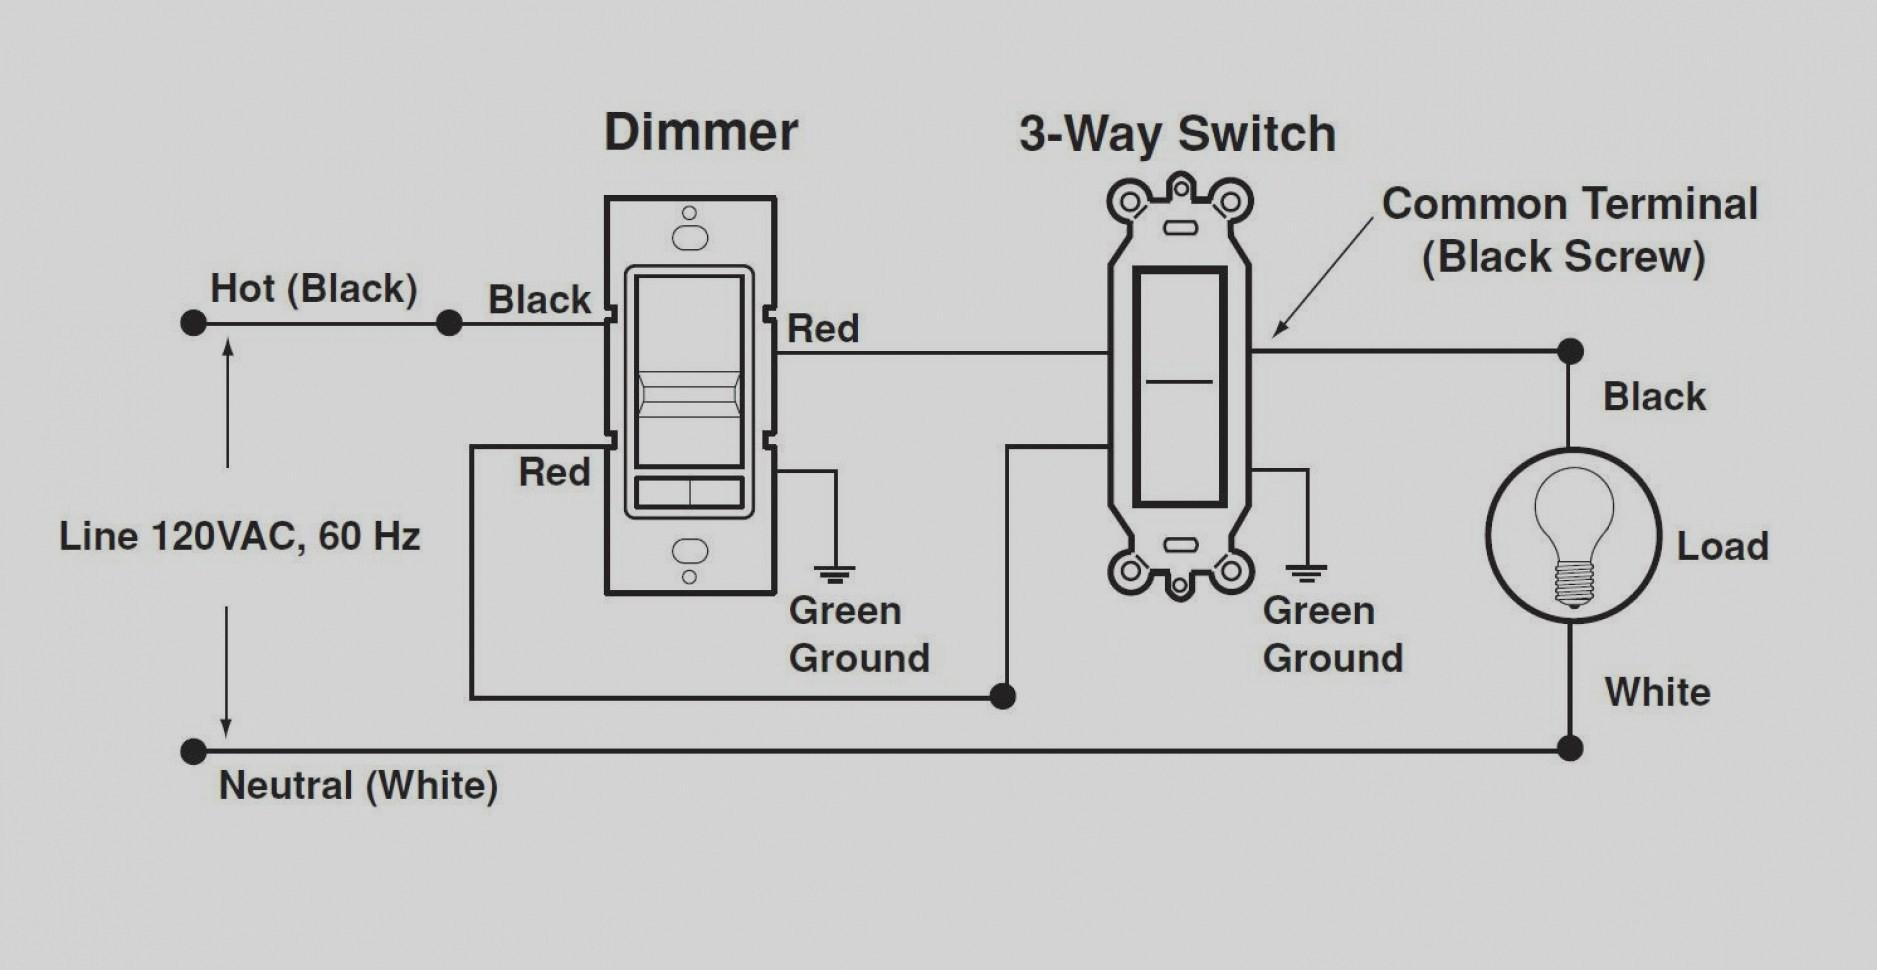 Pass Amp Seymour Wiring Diagrams | Wiring Diagram - Pass & Seymour Switches Wiring Diagram